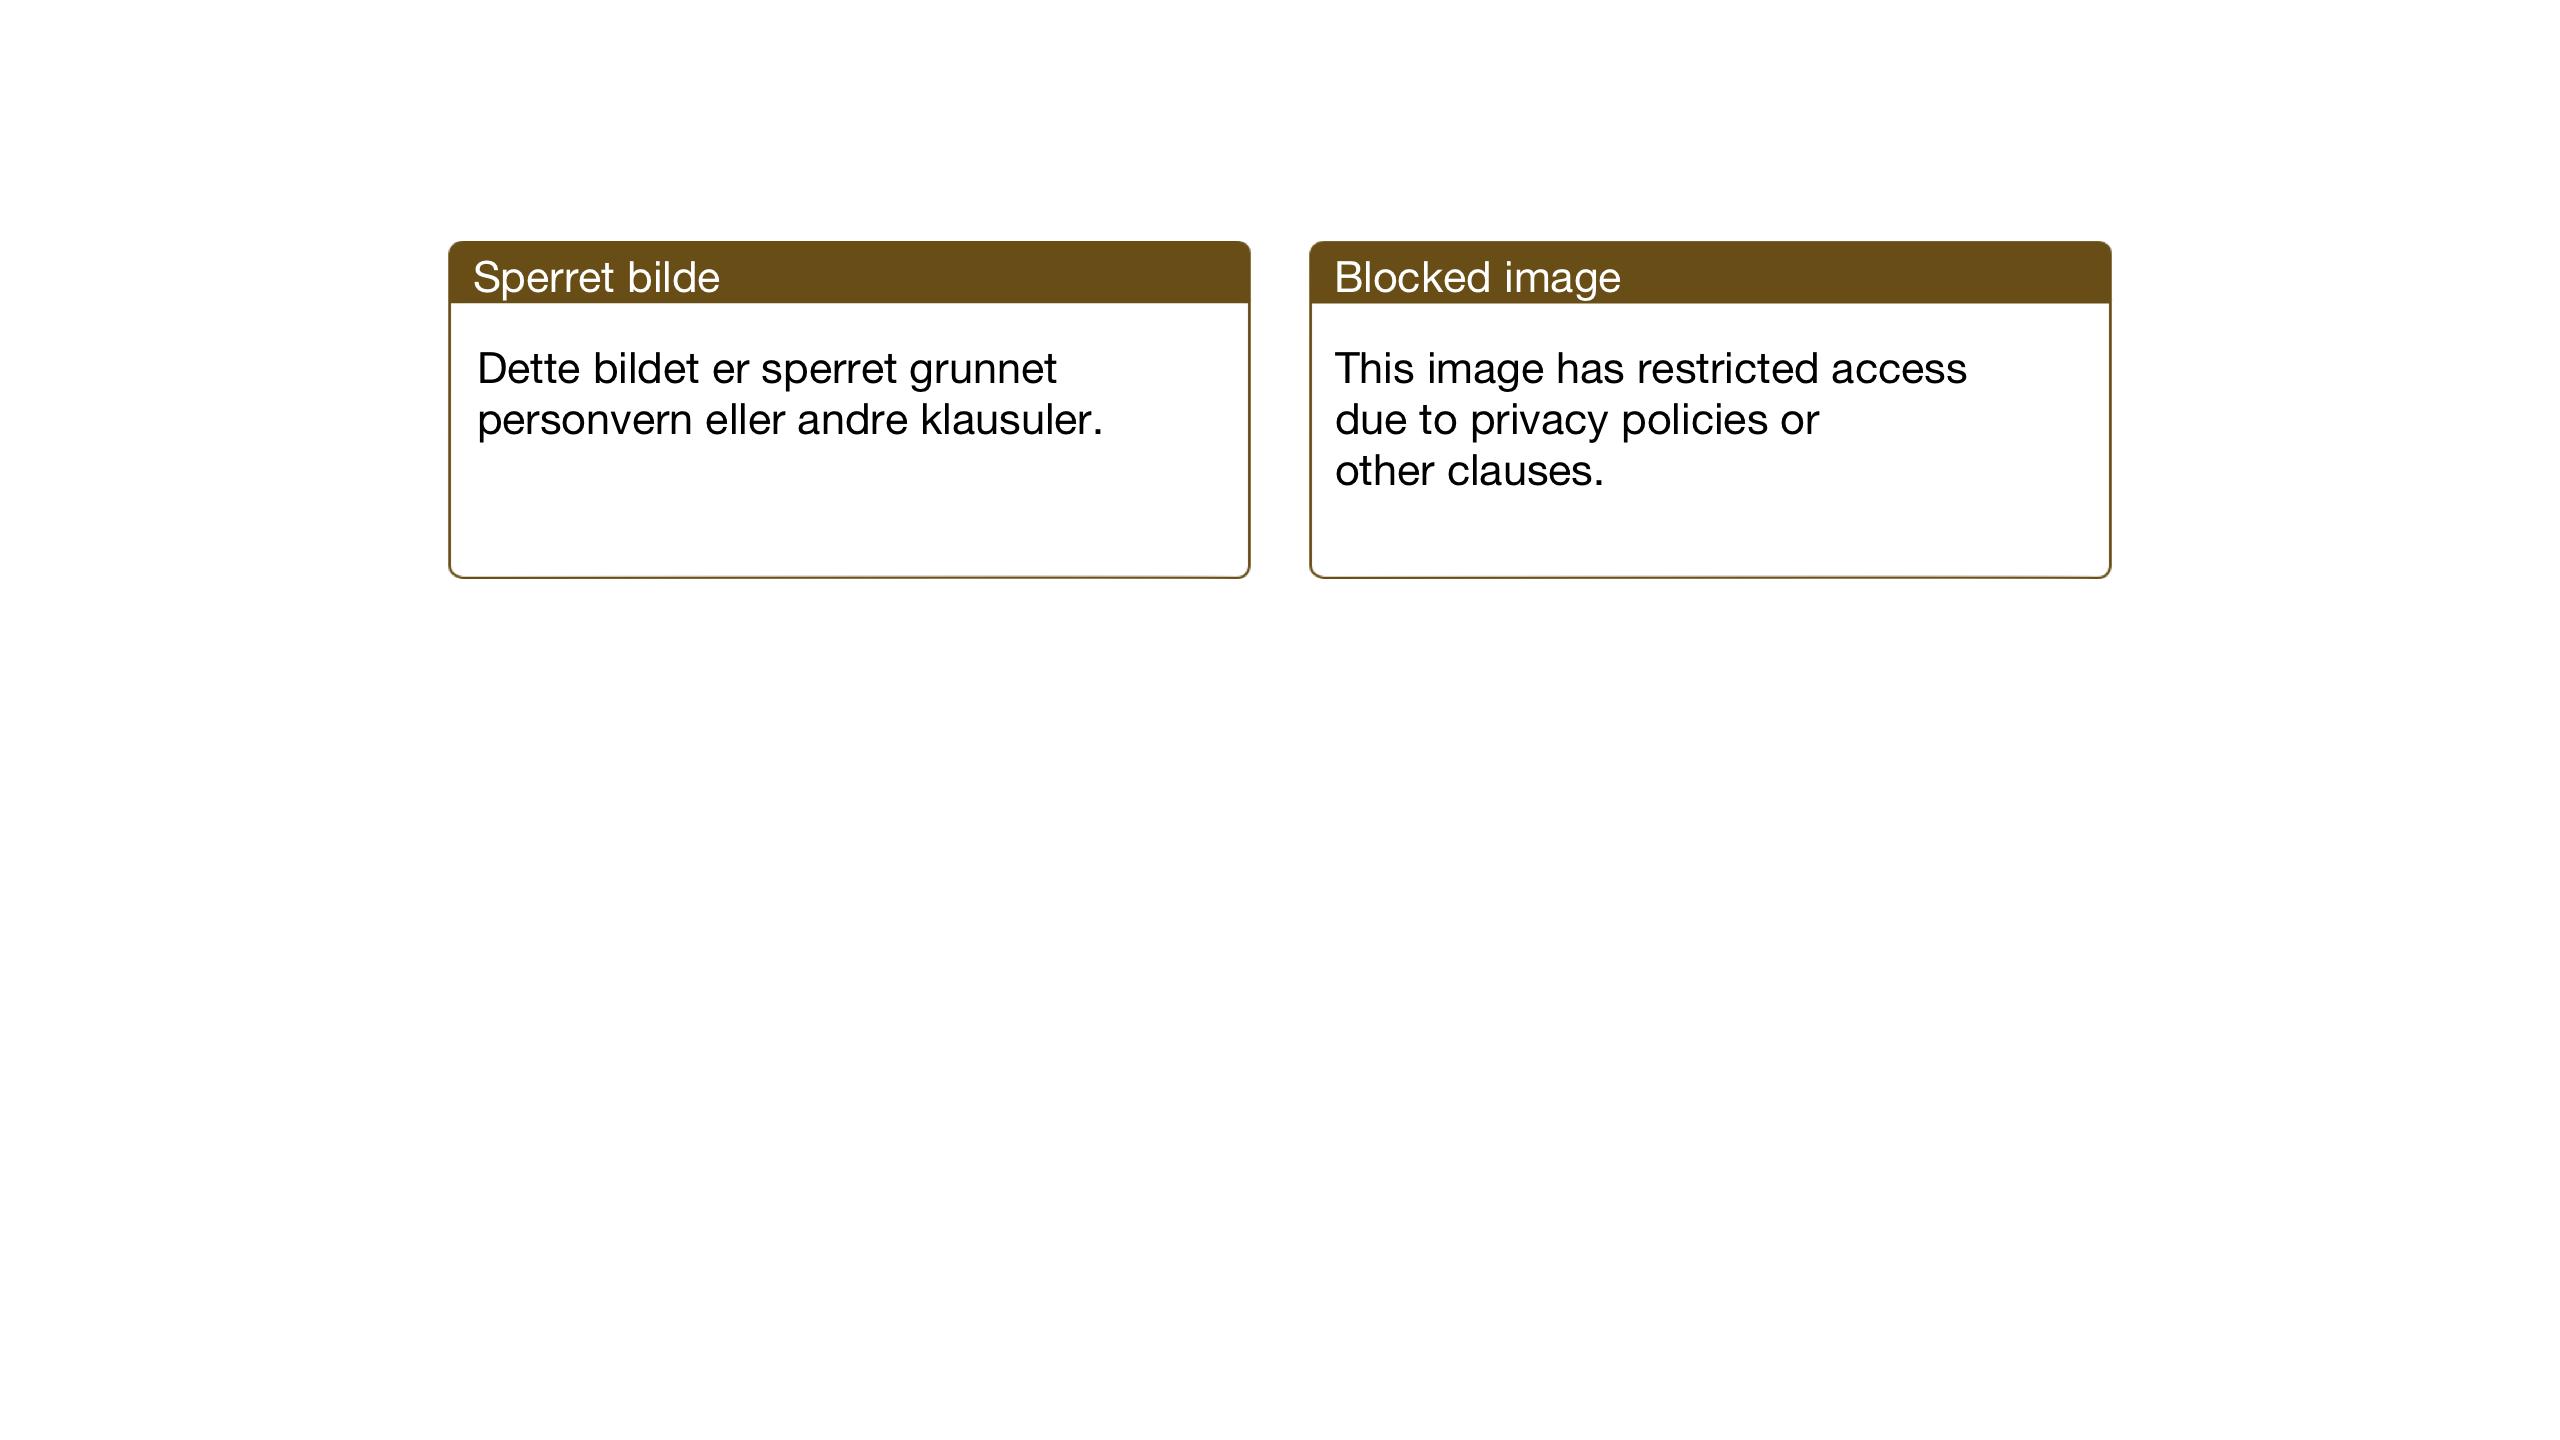 SAT, Ministerialprotokoller, klokkerbøker og fødselsregistre - Sør-Trøndelag, 611/L0358: Klokkerbok nr. 611C06, 1943-1946, s. 87